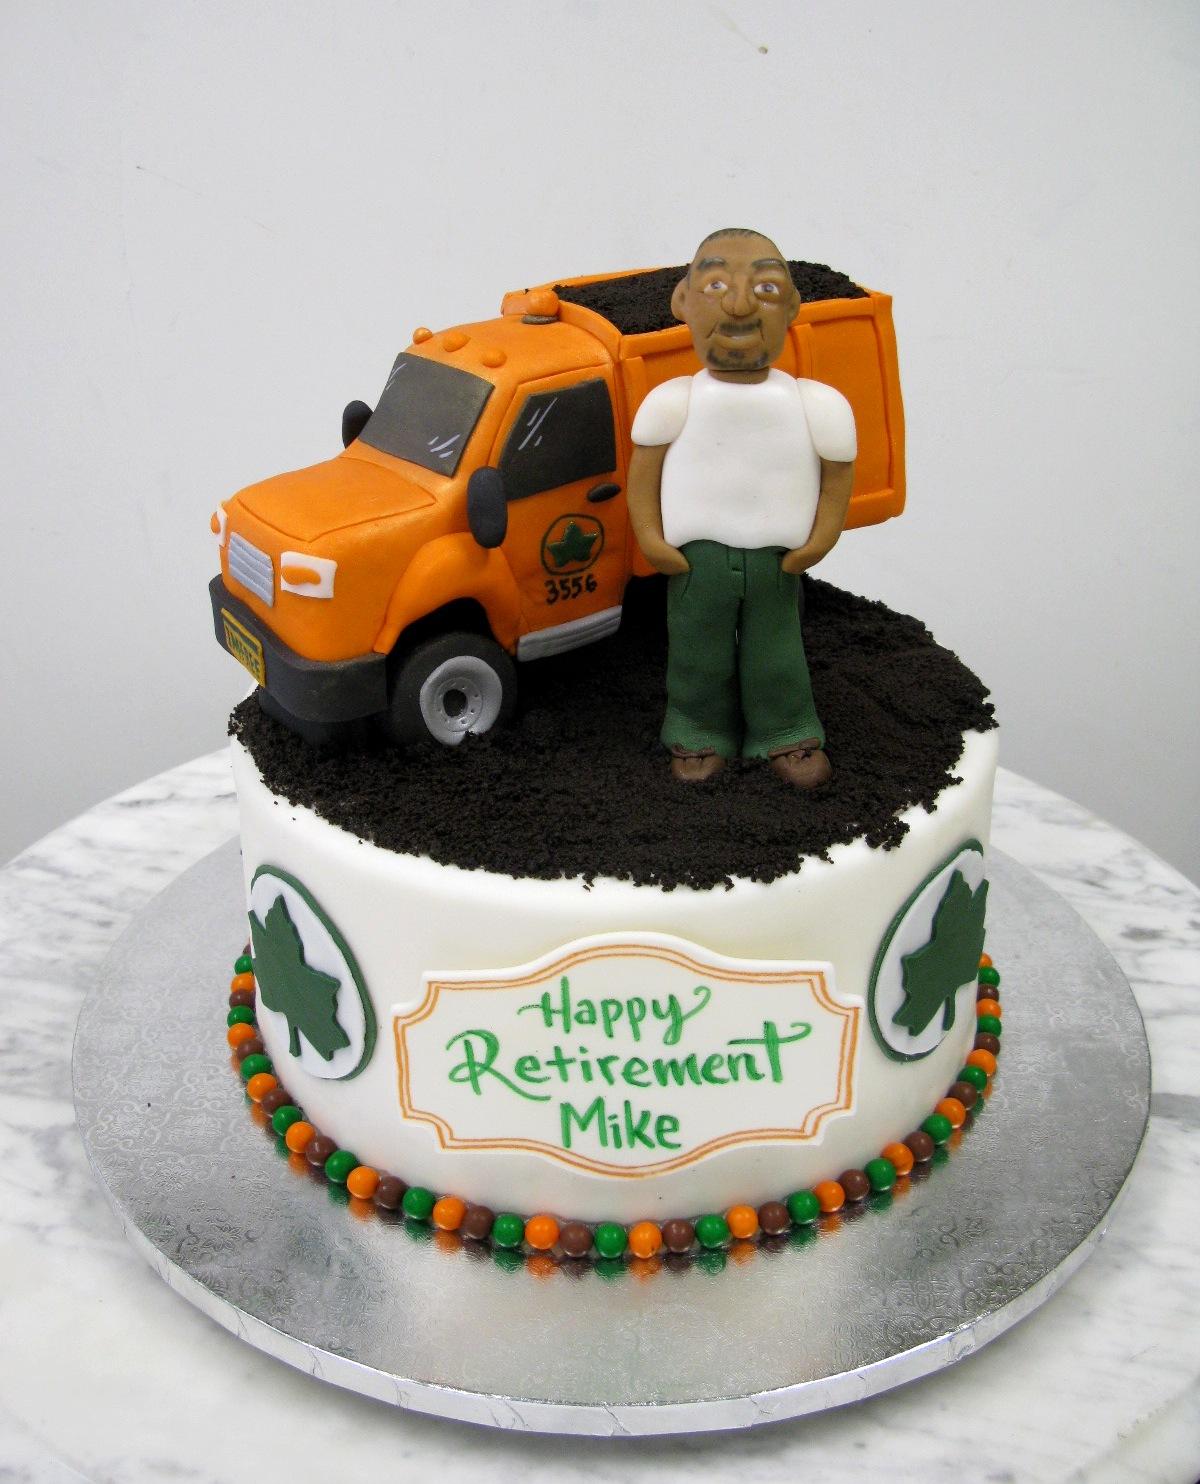 Parks Department Retirement